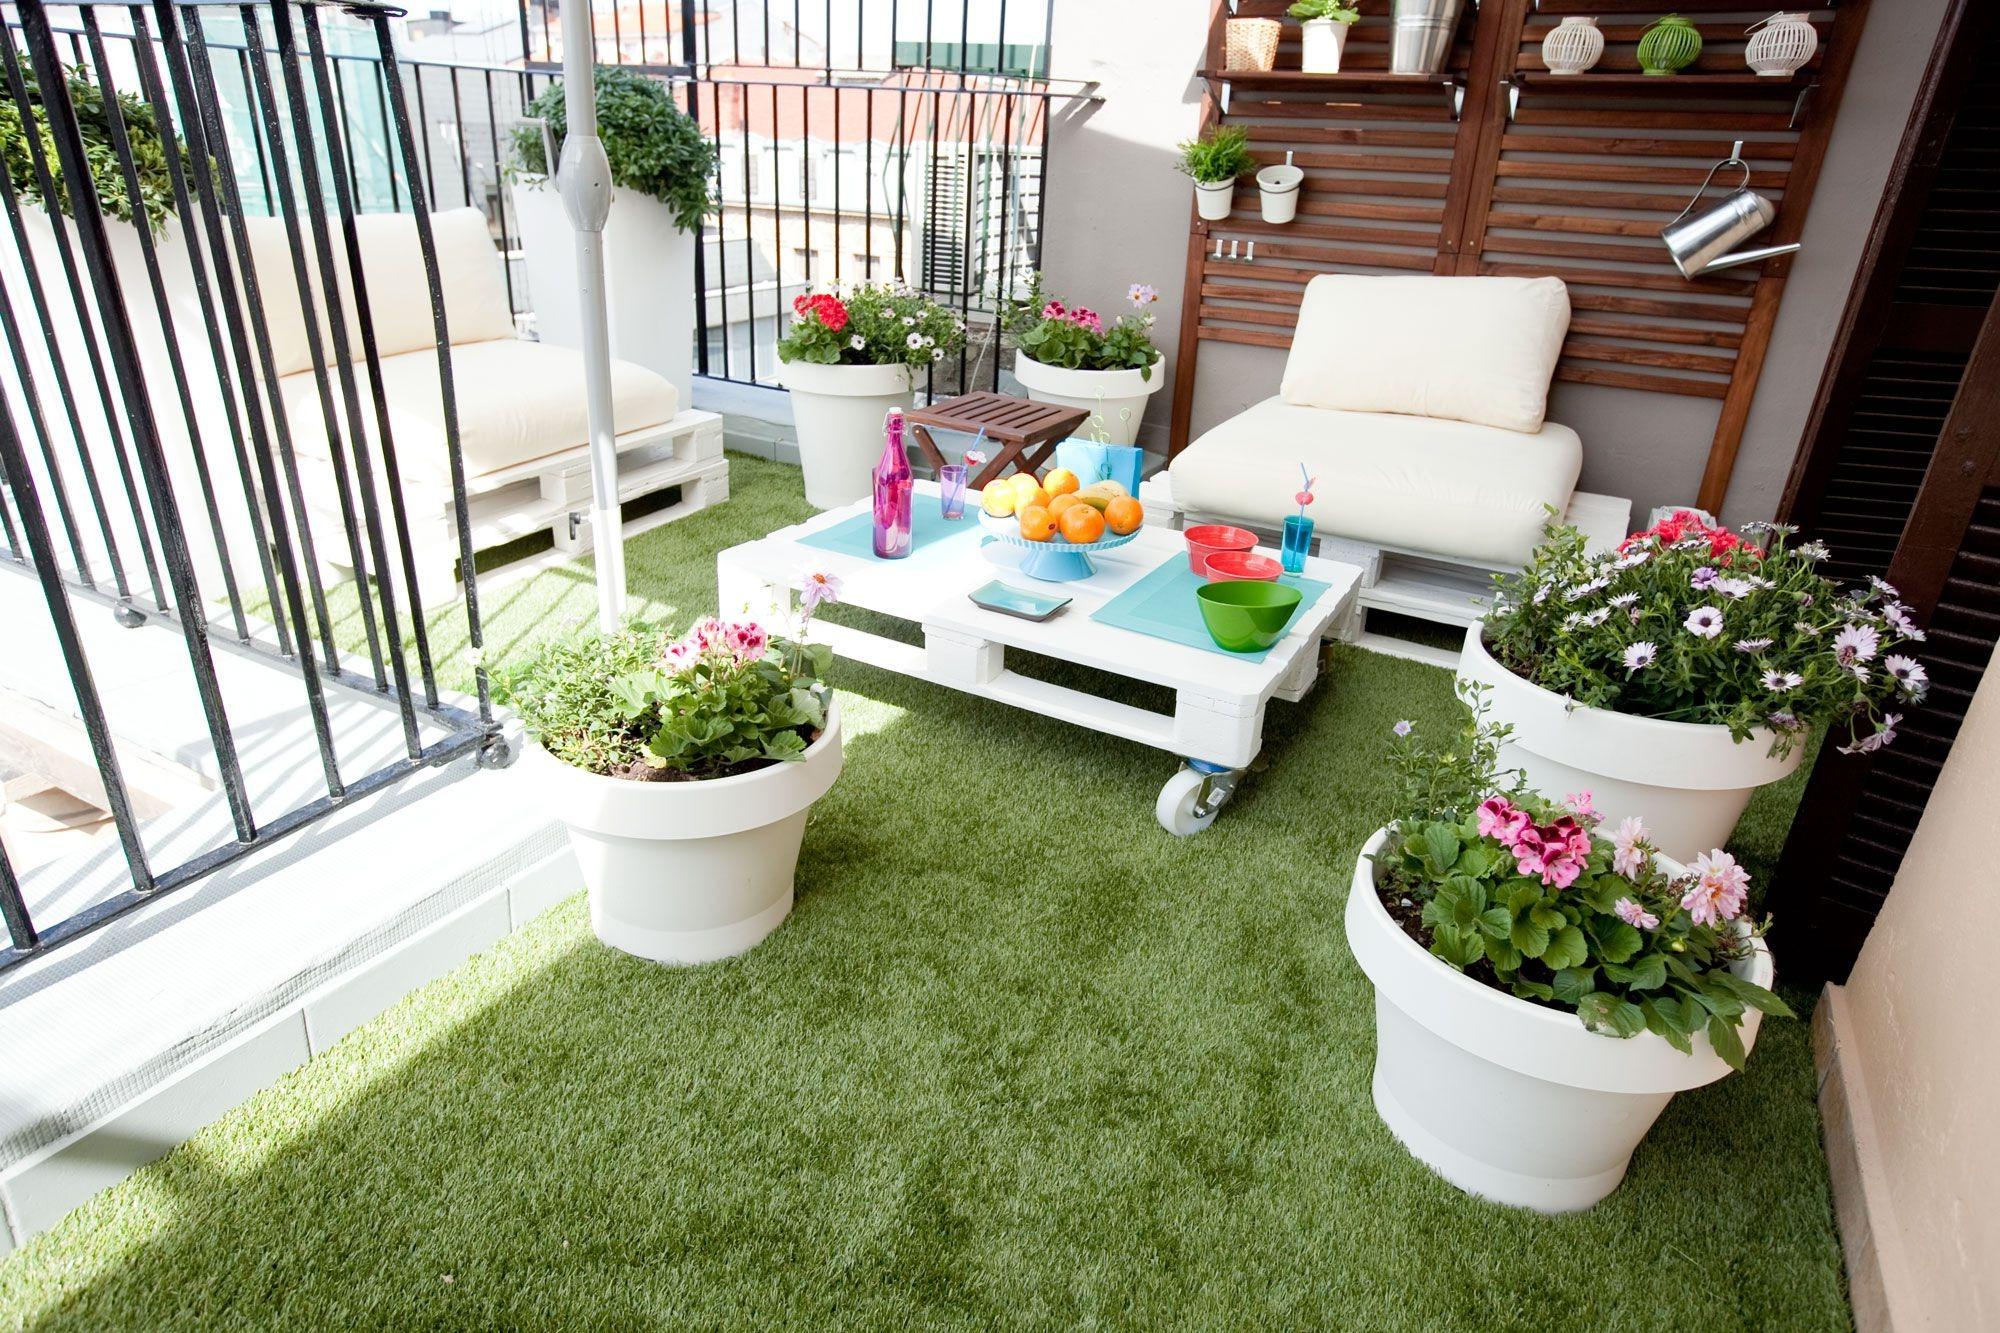 Por qué instalar césped artificial en jardines